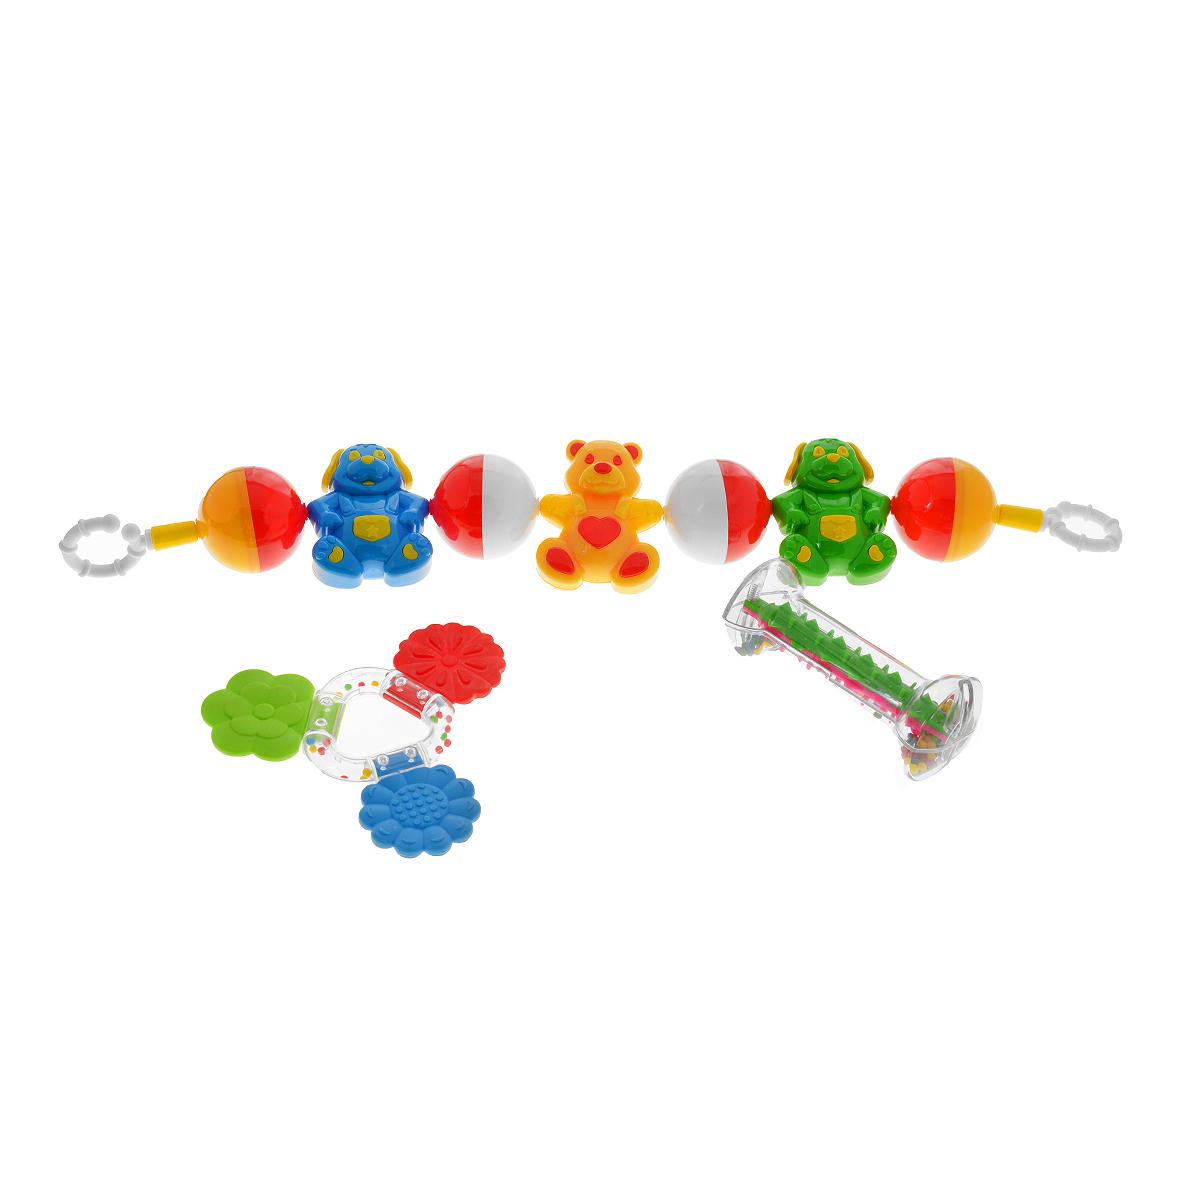 Подарочный набор Stellar Погремушки, цвет в ассортименте01572